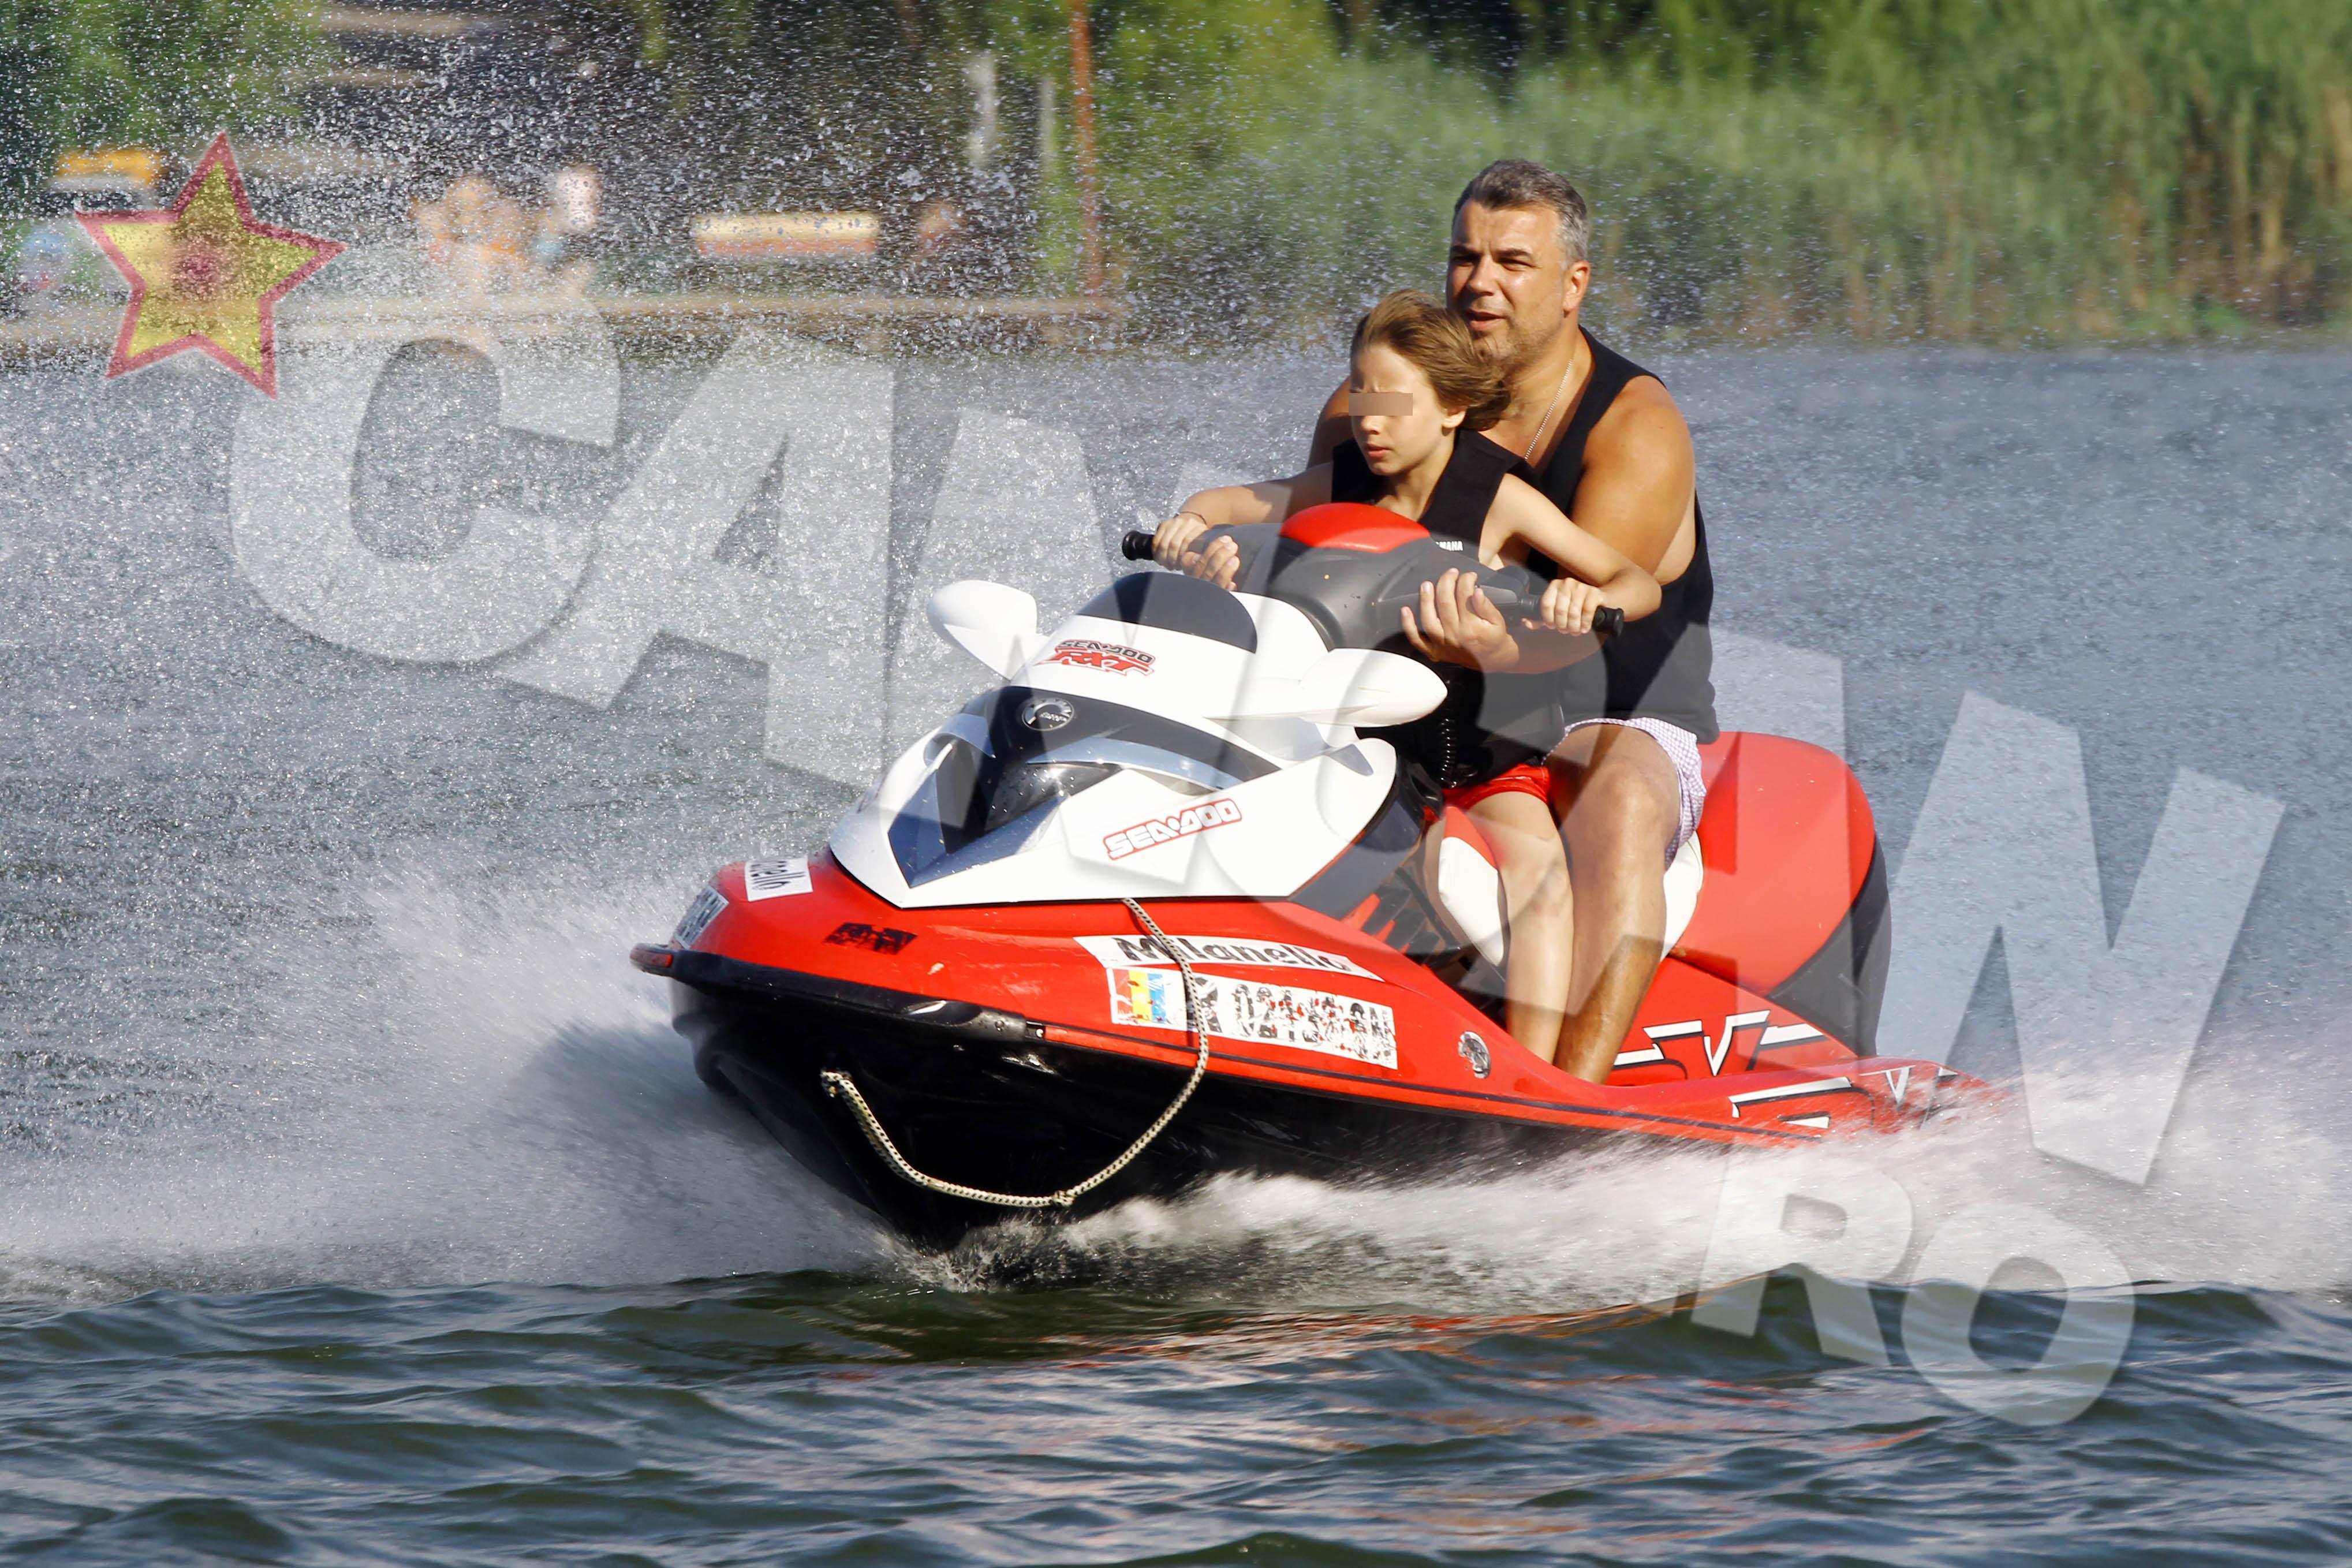 Olaroiu a luat pulsul apei pe un skijet de 13.000 de euro